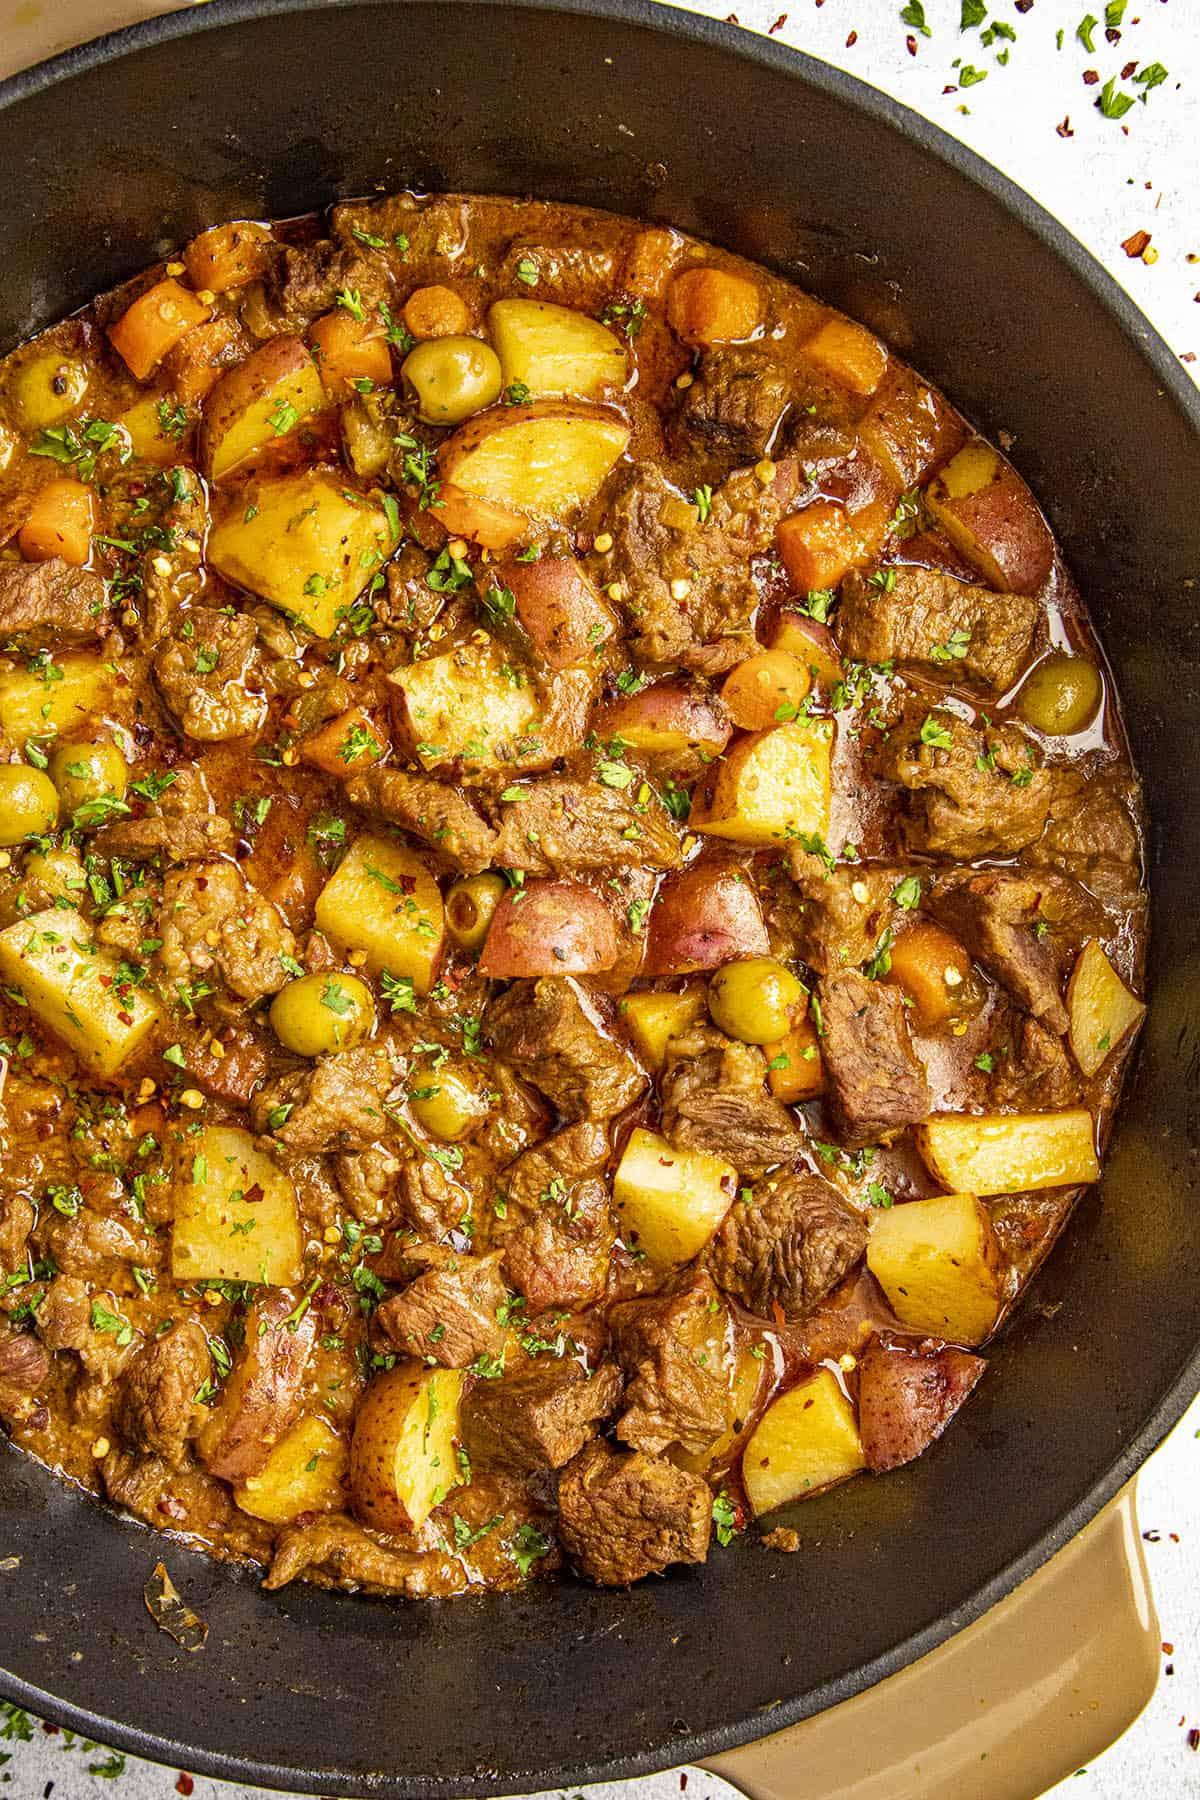 Hearty, meaty Carne guisada (beef stew) in a pot